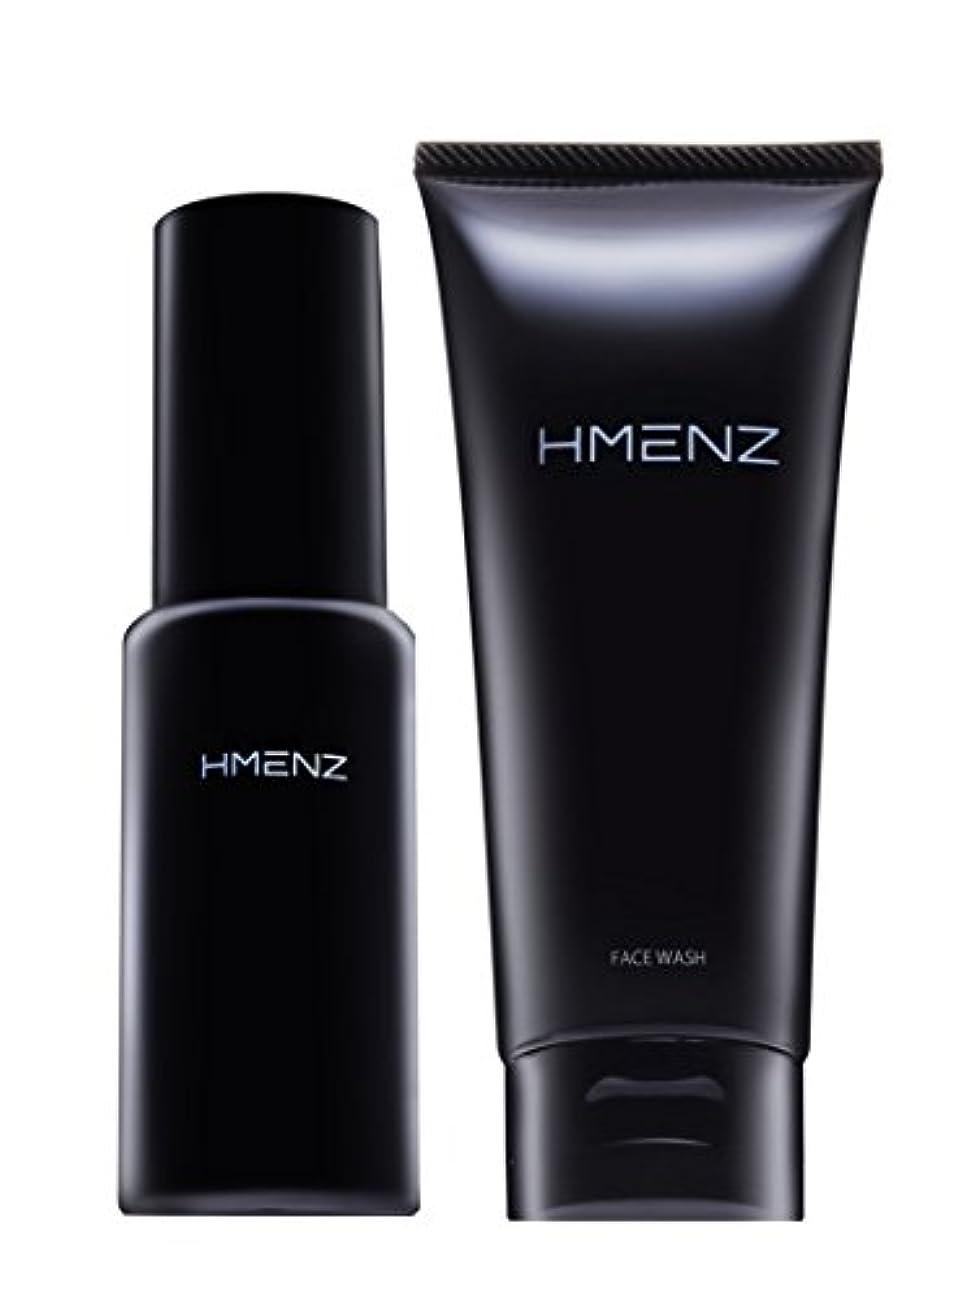 必要性バター同意する医薬部外品【 スキンケア セット 】HMENZ メンズ 洗顔 & 美容液 乾燥肌 対策 保湿 (無添加 シミ対策 ニキビ対策 エイジングケア) 洗顔 オールインワン ジェル 100g&50ml